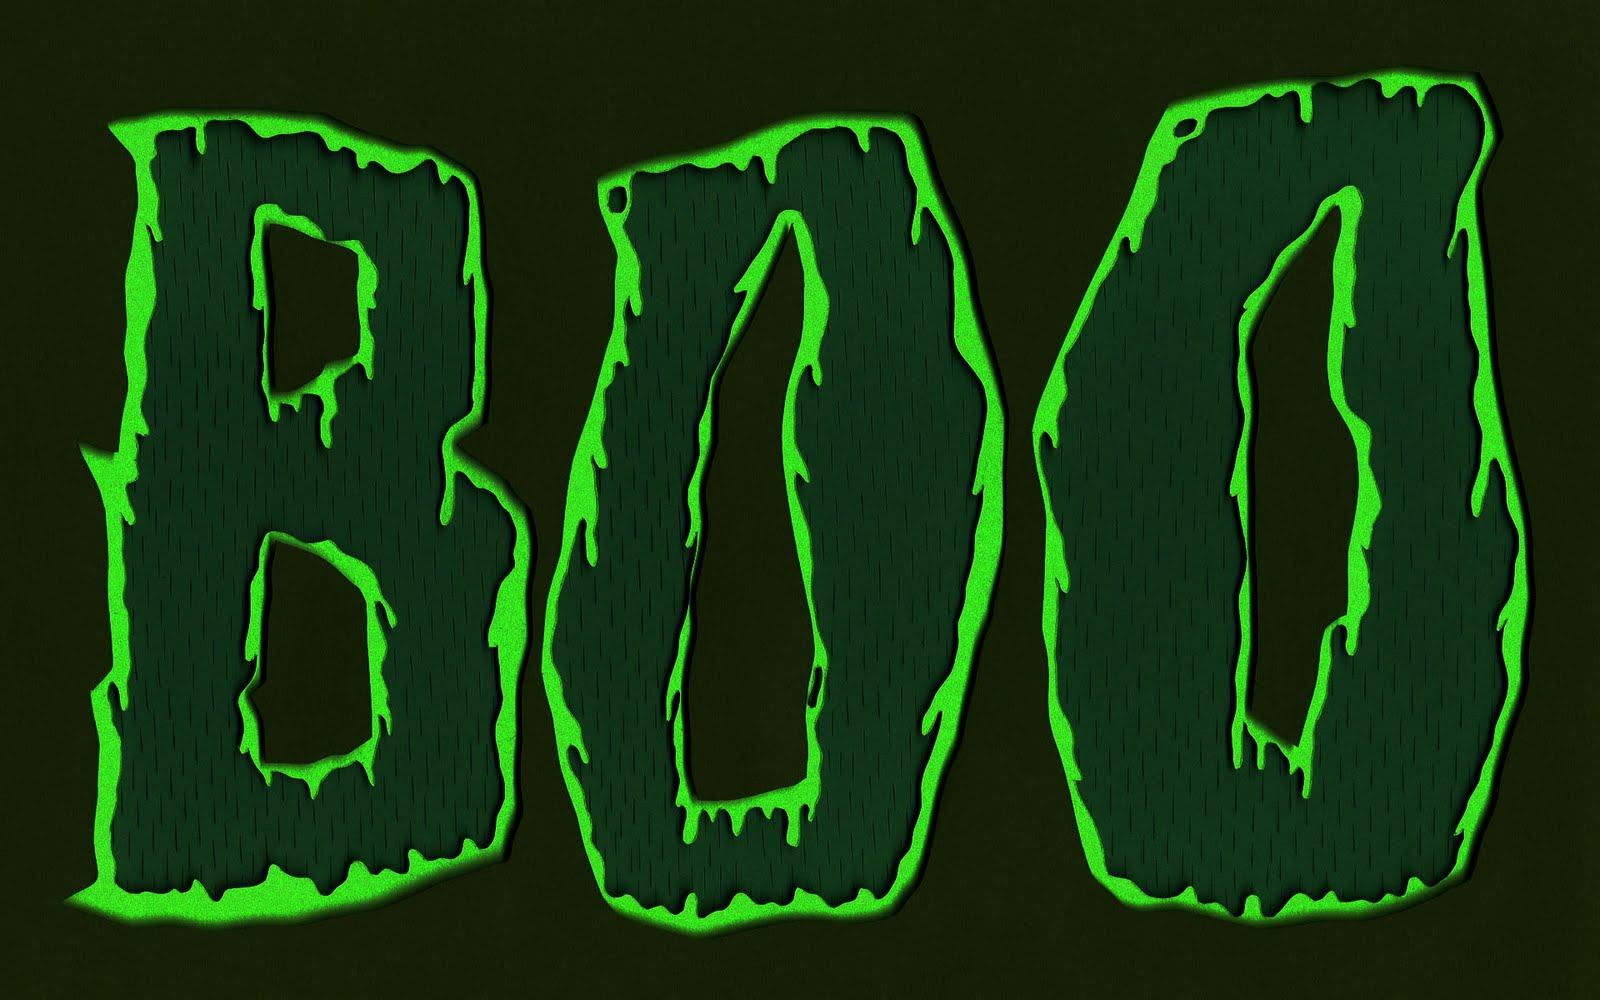 http://4.bp.blogspot.com/_Ioxhxvq7gaM/TMkJADKUqjI/AAAAAAAAAxs/uuFh9aNulJA/s1600/Boo2.jpg